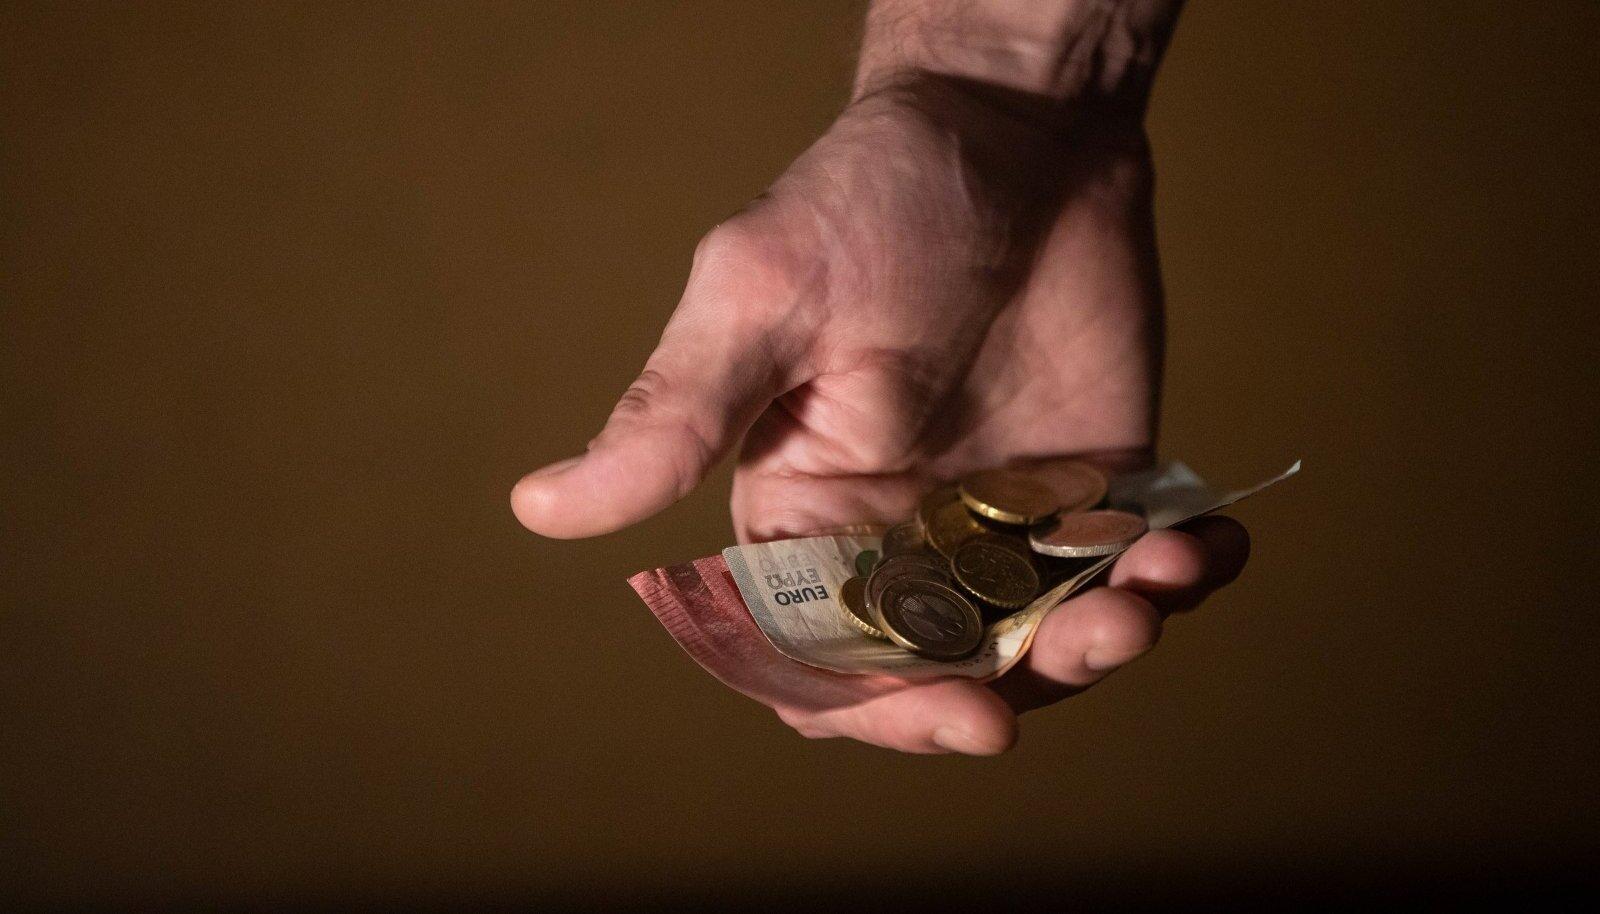 Teisest pensionisambast raha väljavõtjatel on kogutud keskmiselt mõnevõrra suurem summa kui teistel pensionikogujatel.